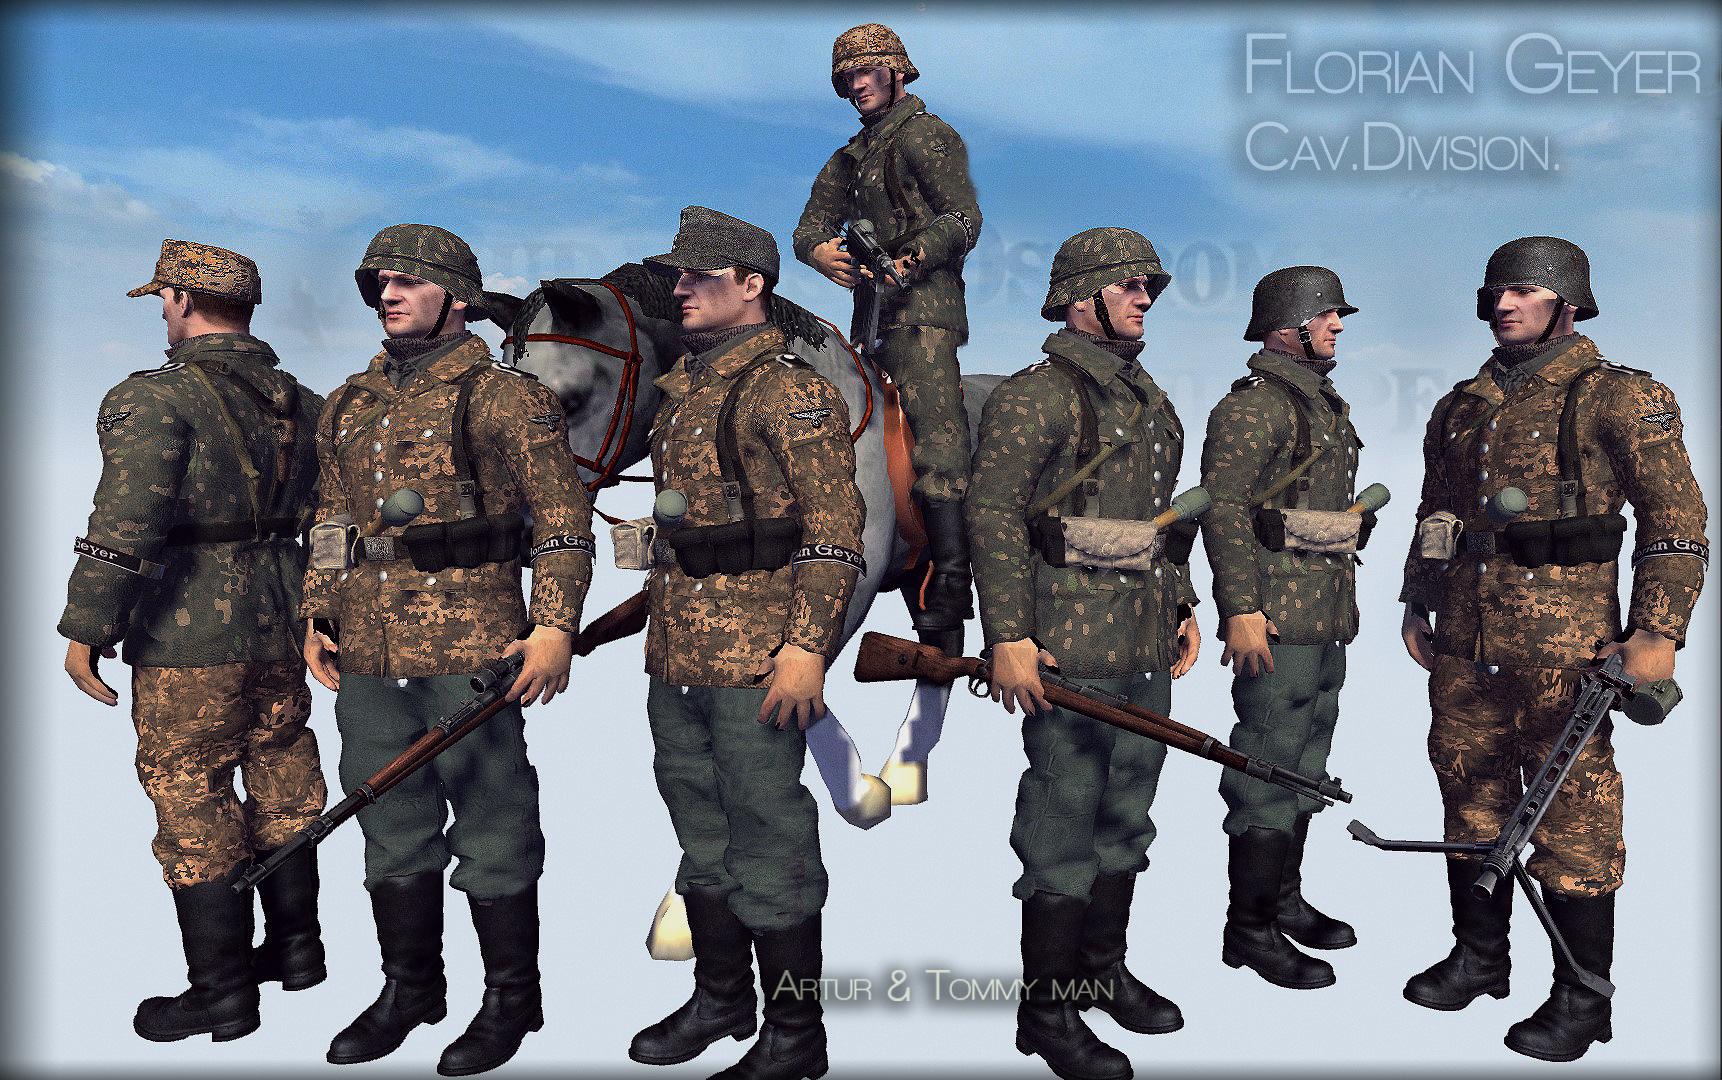 Waffen ss ,Budapest Florian geyer.1944-45